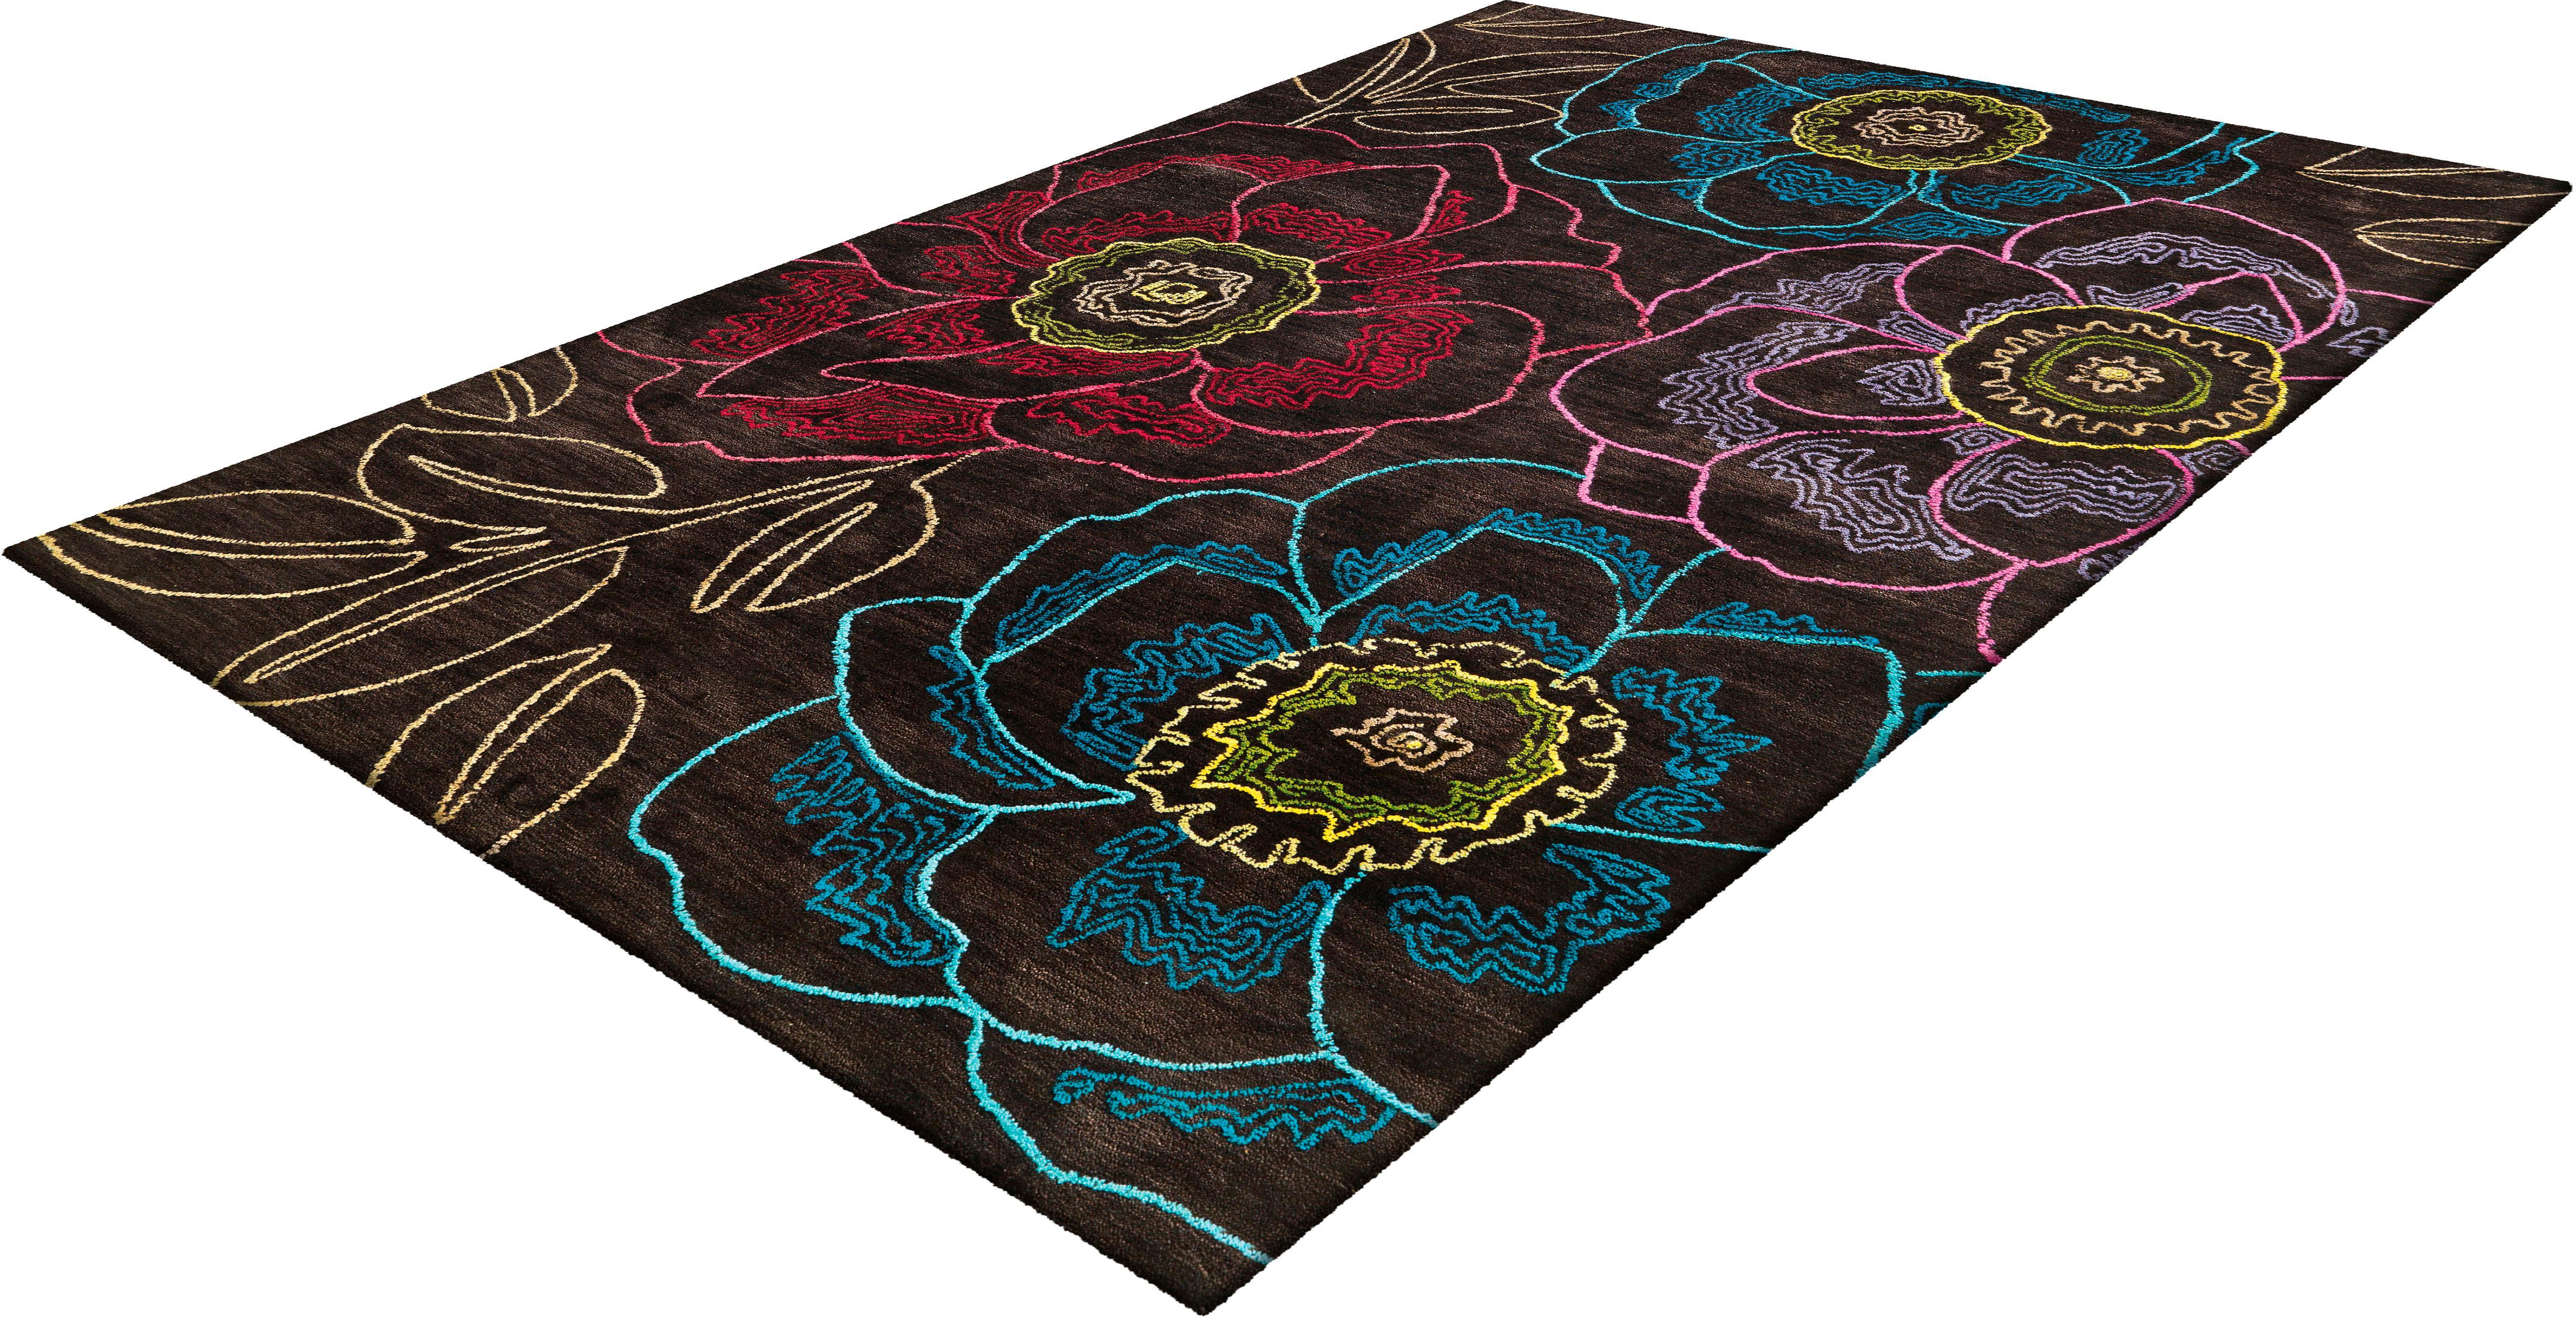 Teppich Mood 4300 Arte Espina rechteckig Höhe 10 mm handgetuftet